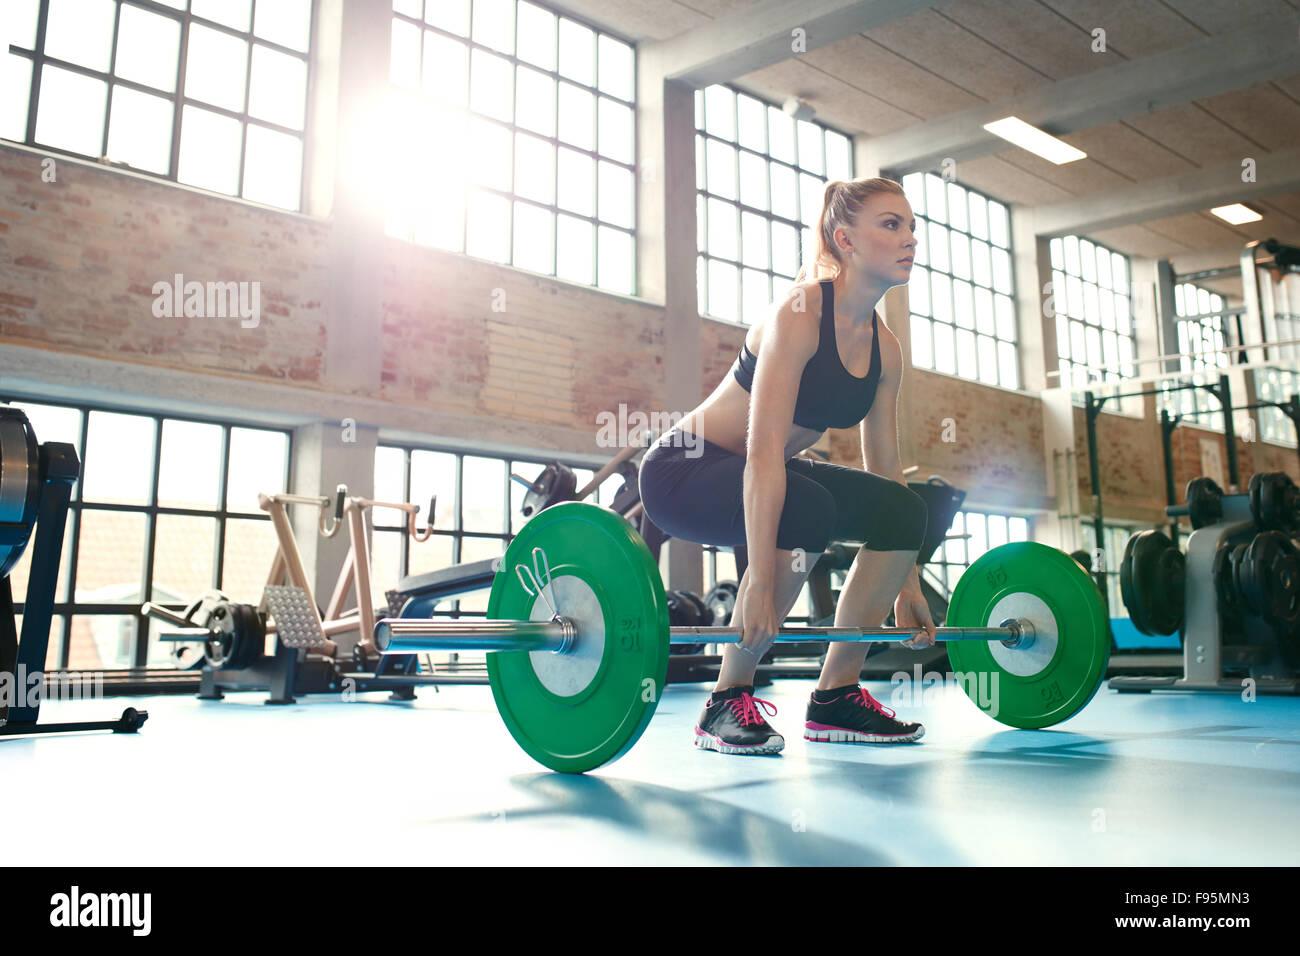 Decidida y fuerte mujer fitness entrenamiento con pesas pesadas en el gimnasio. La atleta femenina del Cáucaso Imagen De Stock